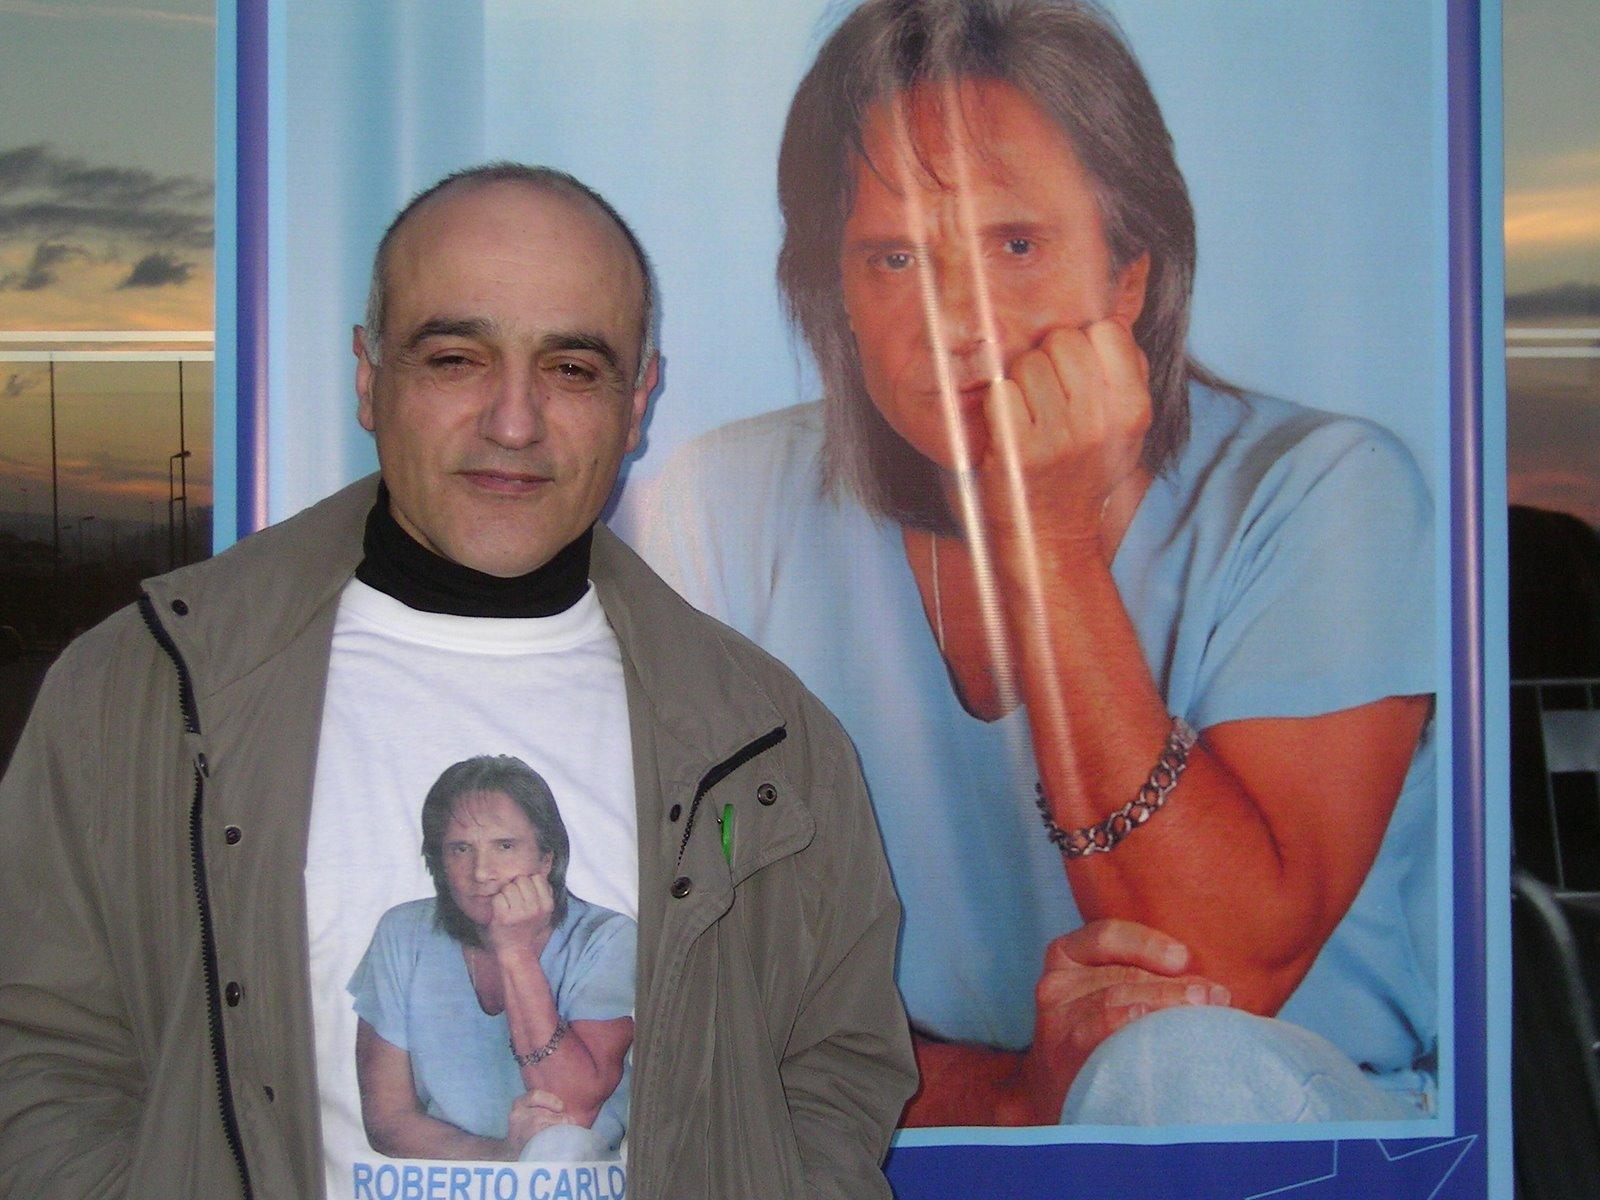 Armindo Isolino Gonçalves Guimarães - Multiusos Guimarães (Portugal), em 11-03-2011